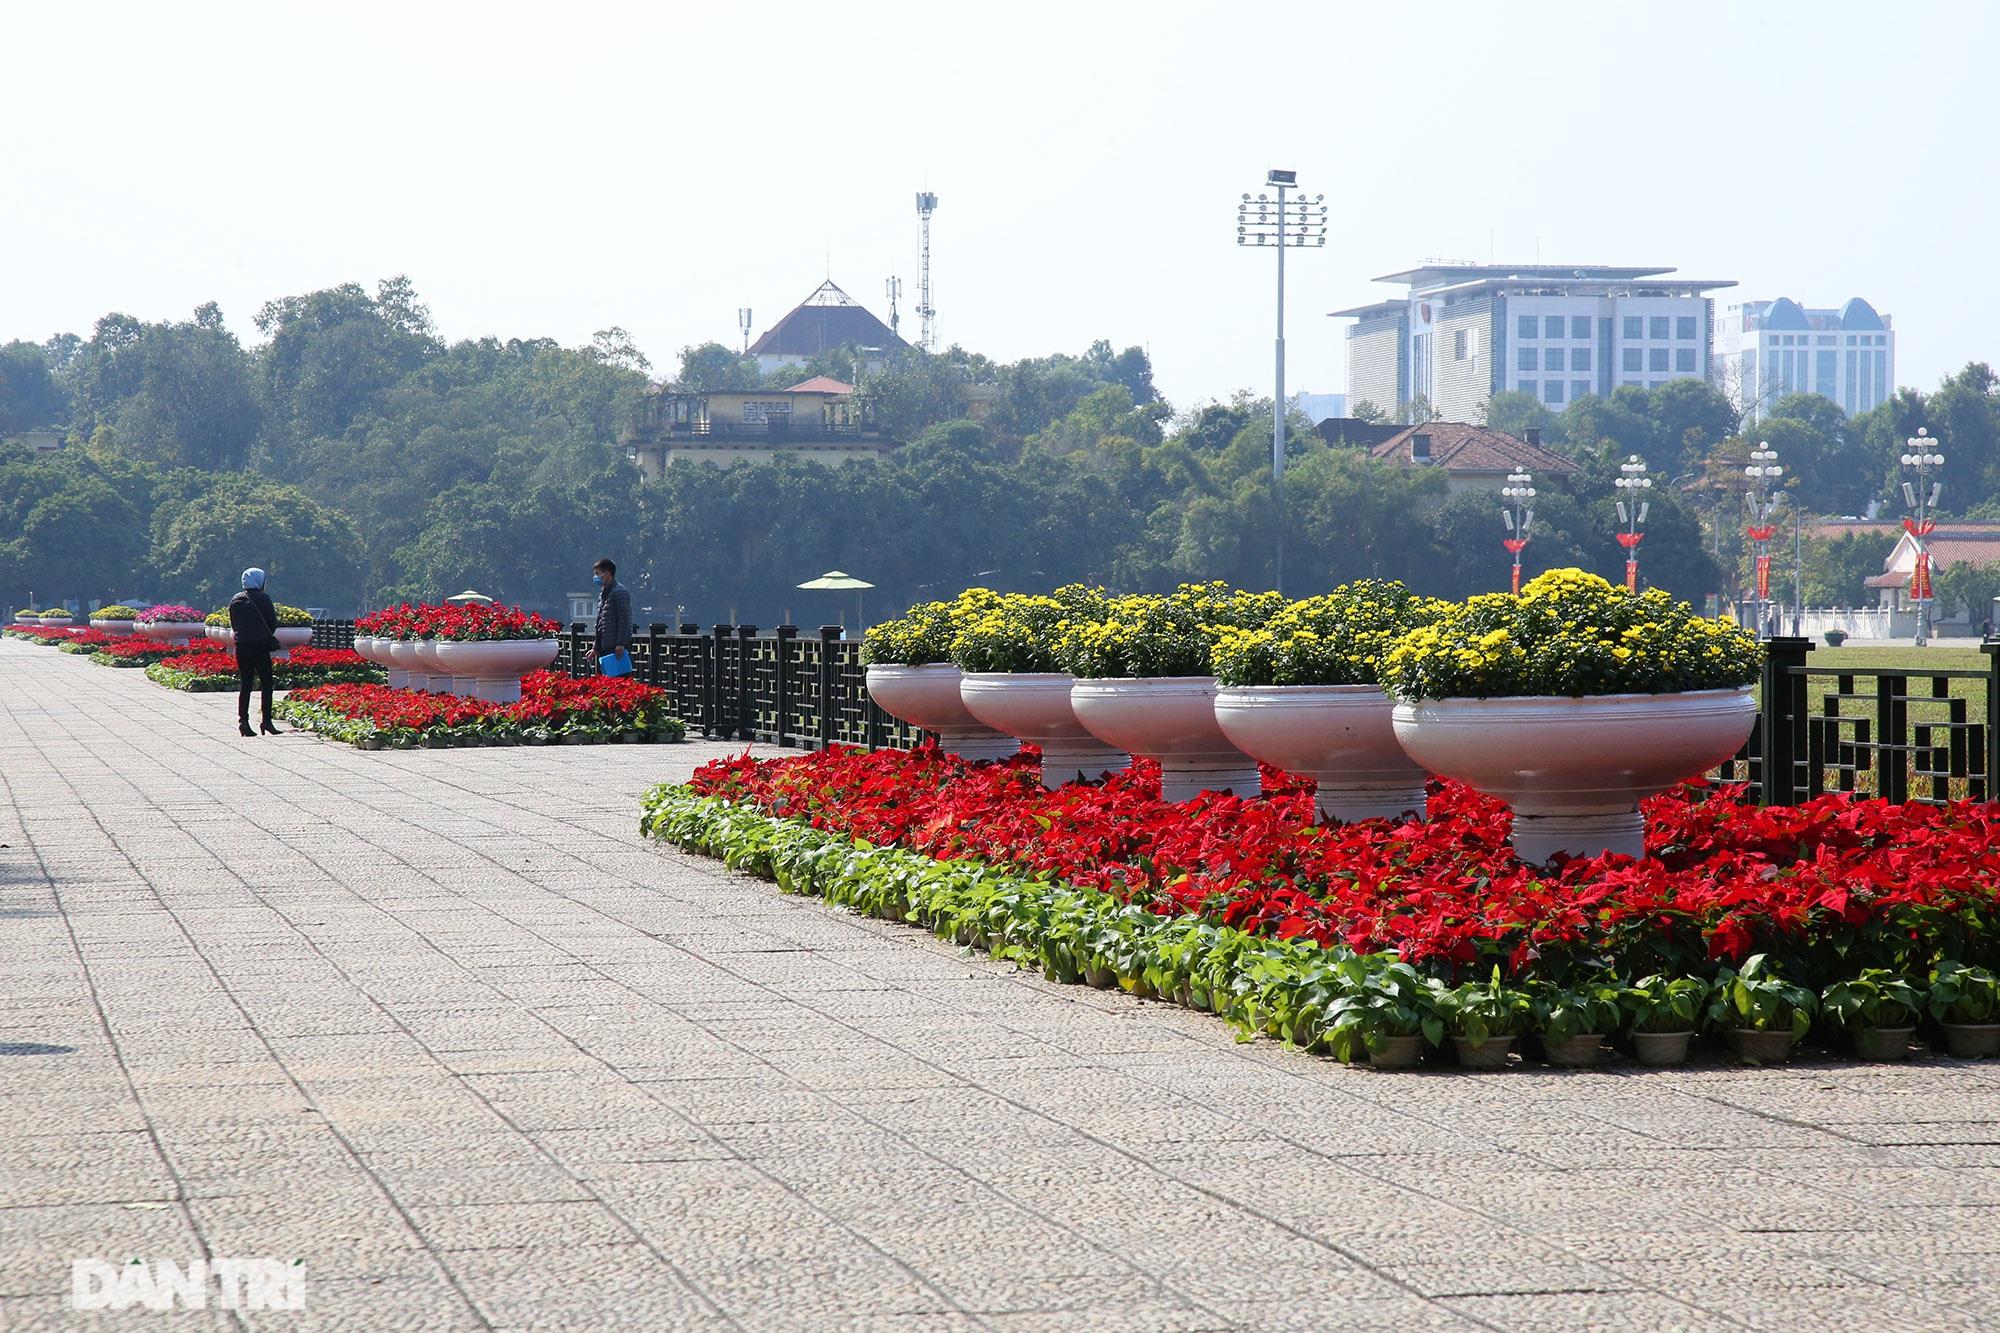 Hồ Gươm trang trí hoa rực rỡ sắc màu chào mừng Đại hội XIII của Đảng - 10